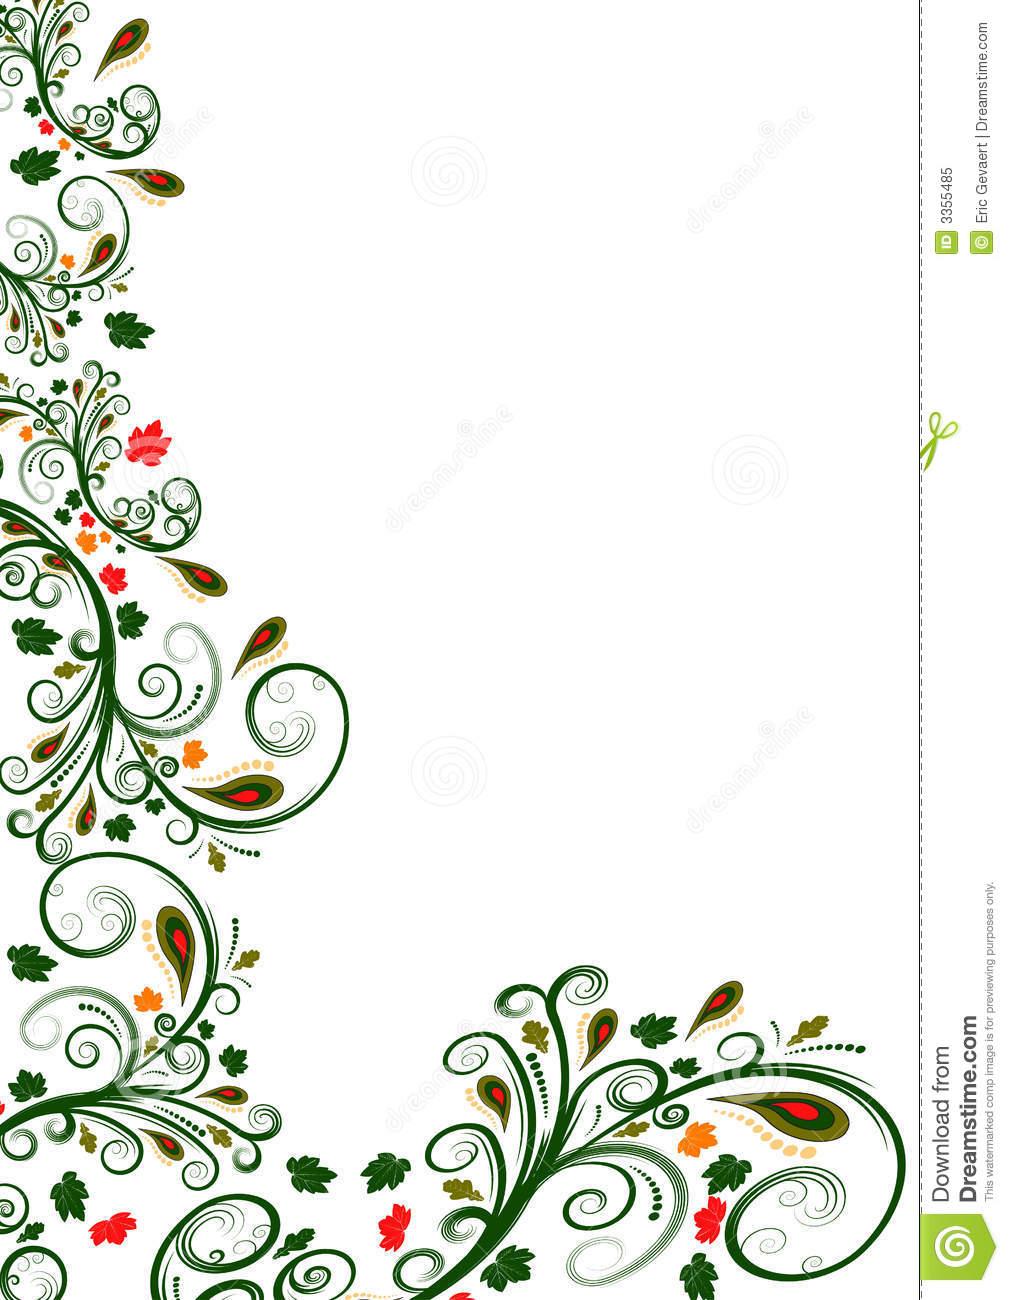 Free Vector Floral Border Designs